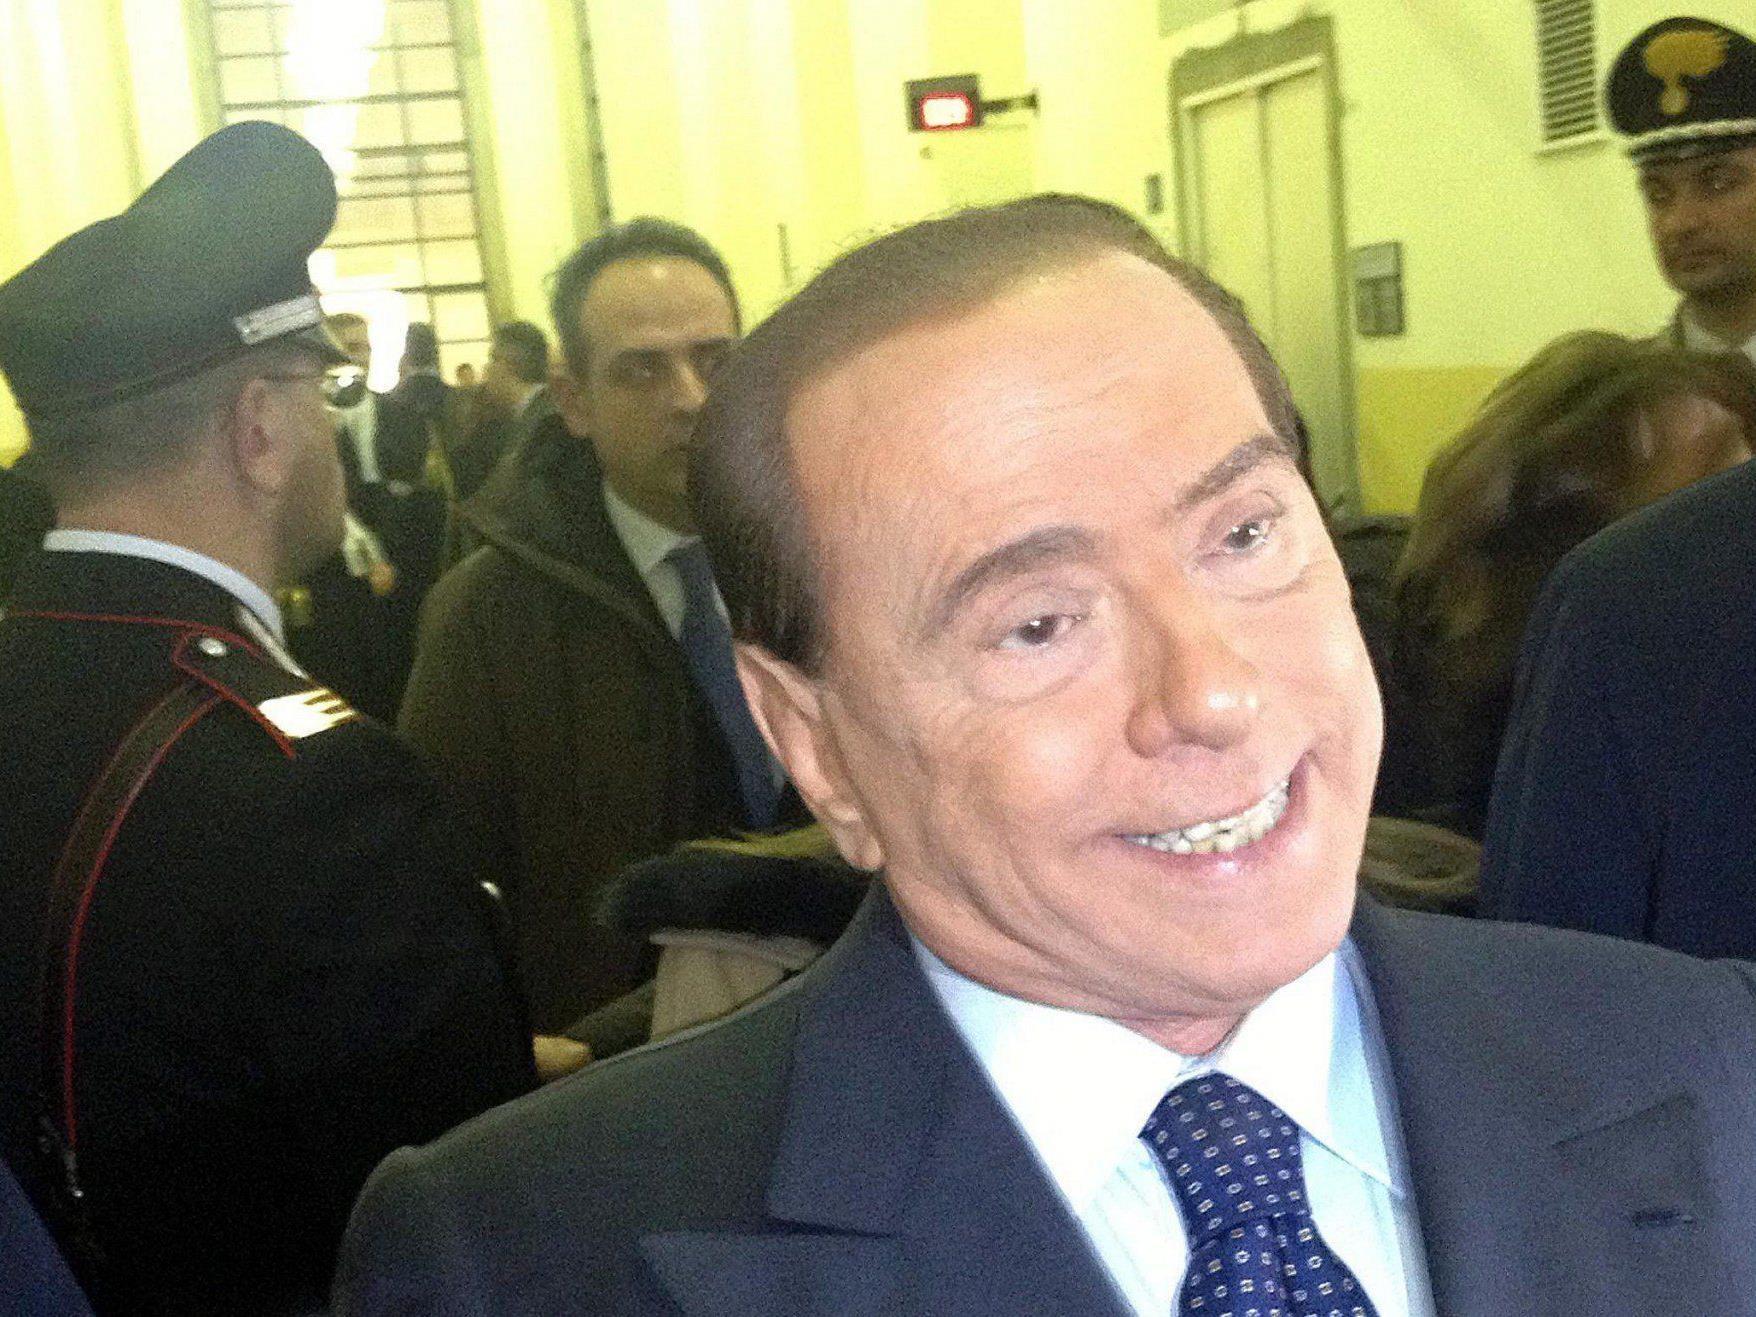 Das Urteil im Unipol-Prozess lautet ein Jahr Haft gegen Silvio Berlusconi.